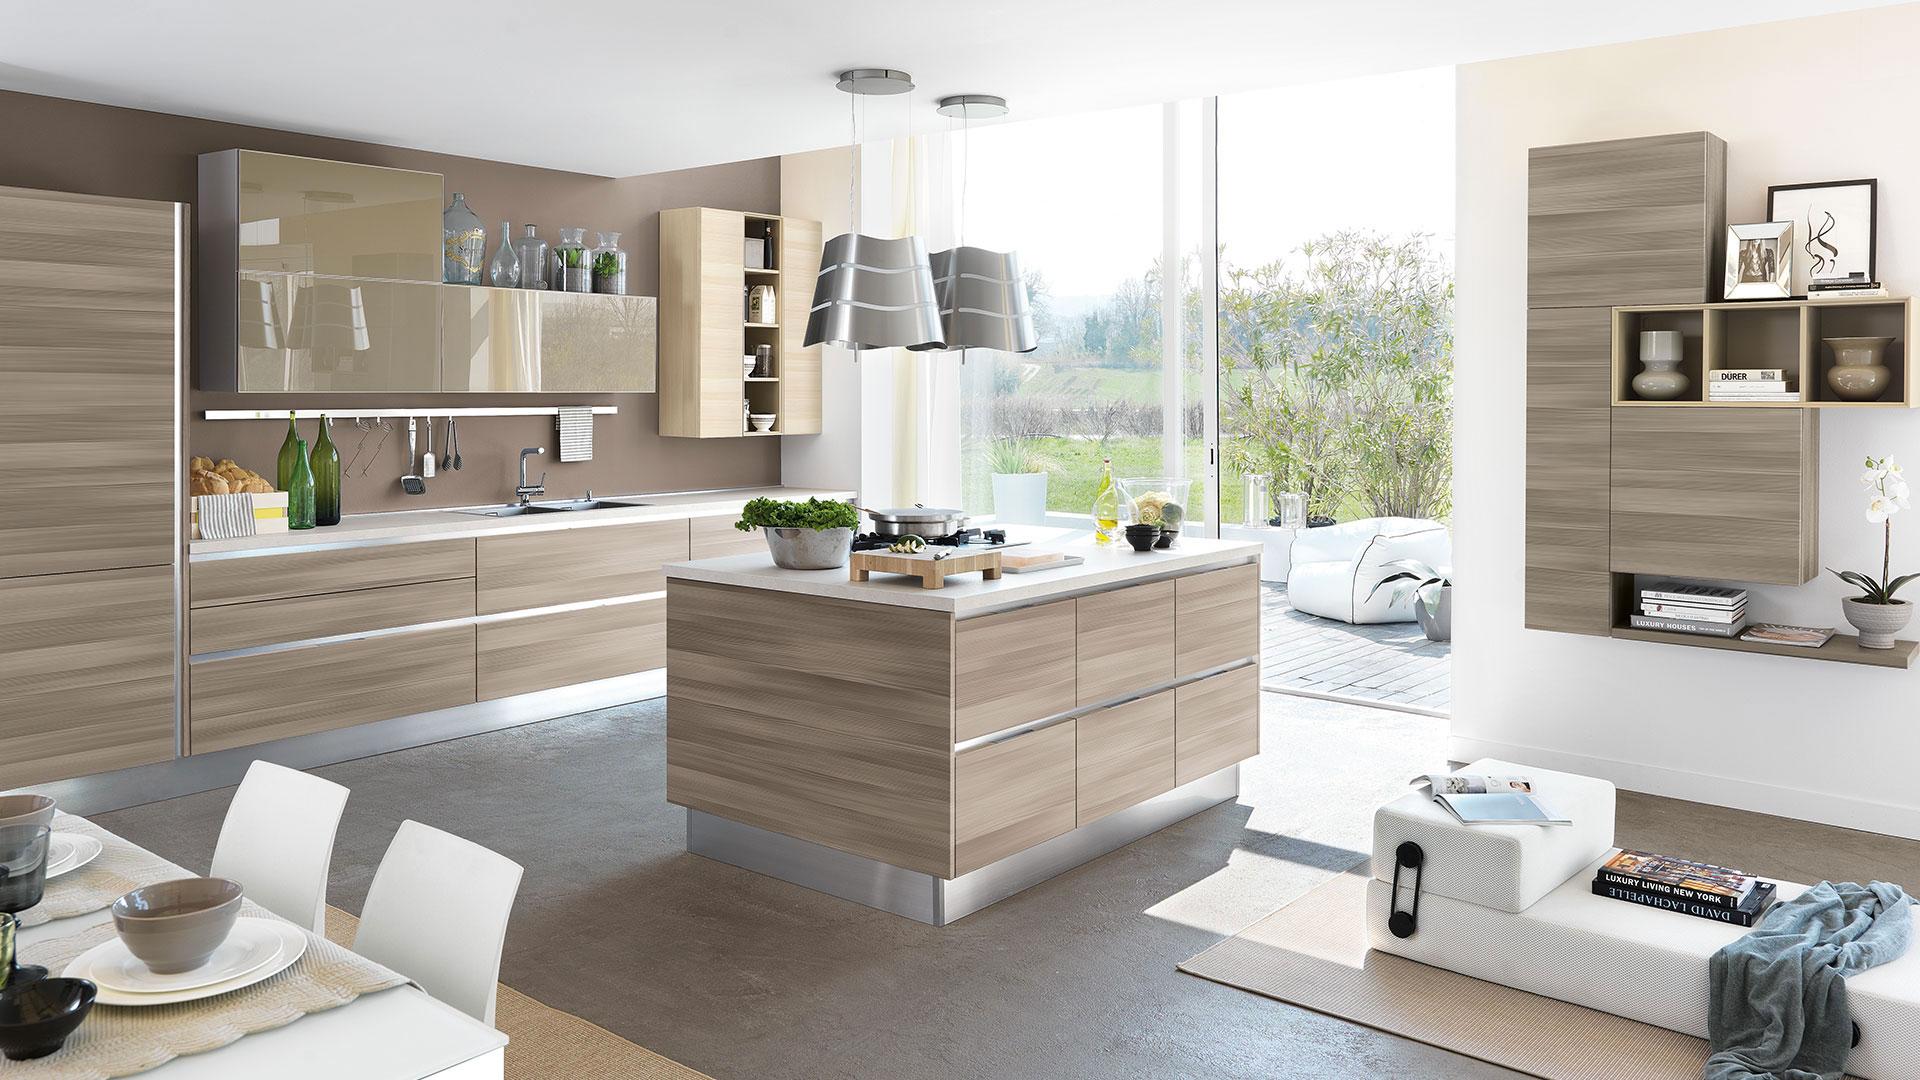 Alcuni consigli su come arredare una cucina a vista - Creo ...